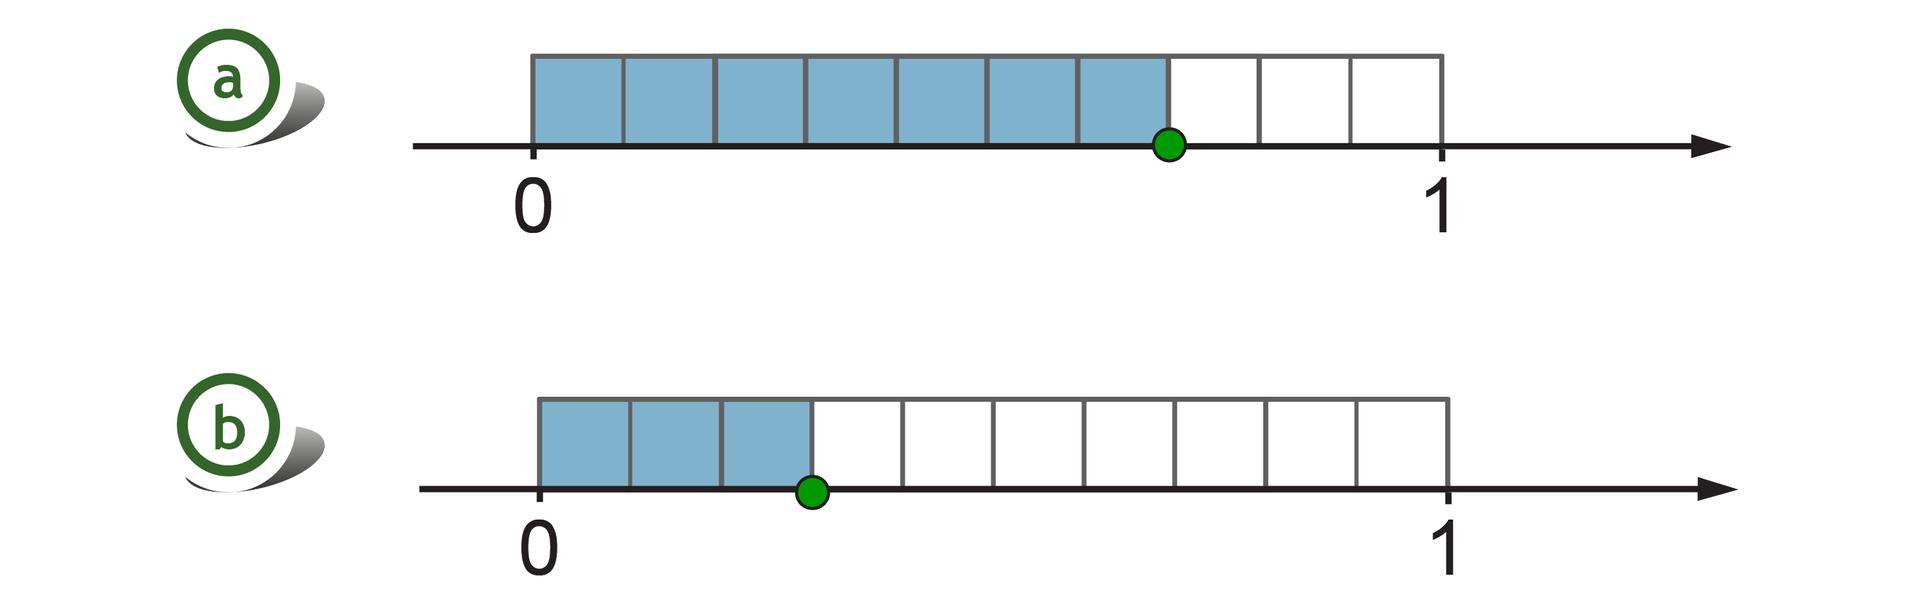 Rysunek dwóch osi liczbowych zzaznaczonymi punktami 0 i1. Nad każdą zosi, pomiędzy punktami 0 i1, zaznaczony prostokąt, podzielony na 10 równych części. Na pierwszej osi szukany punkt wyznacza 7 zamalowanych części. Na drugiej osi szukany punkt wyznacza 3 zamalowane części.